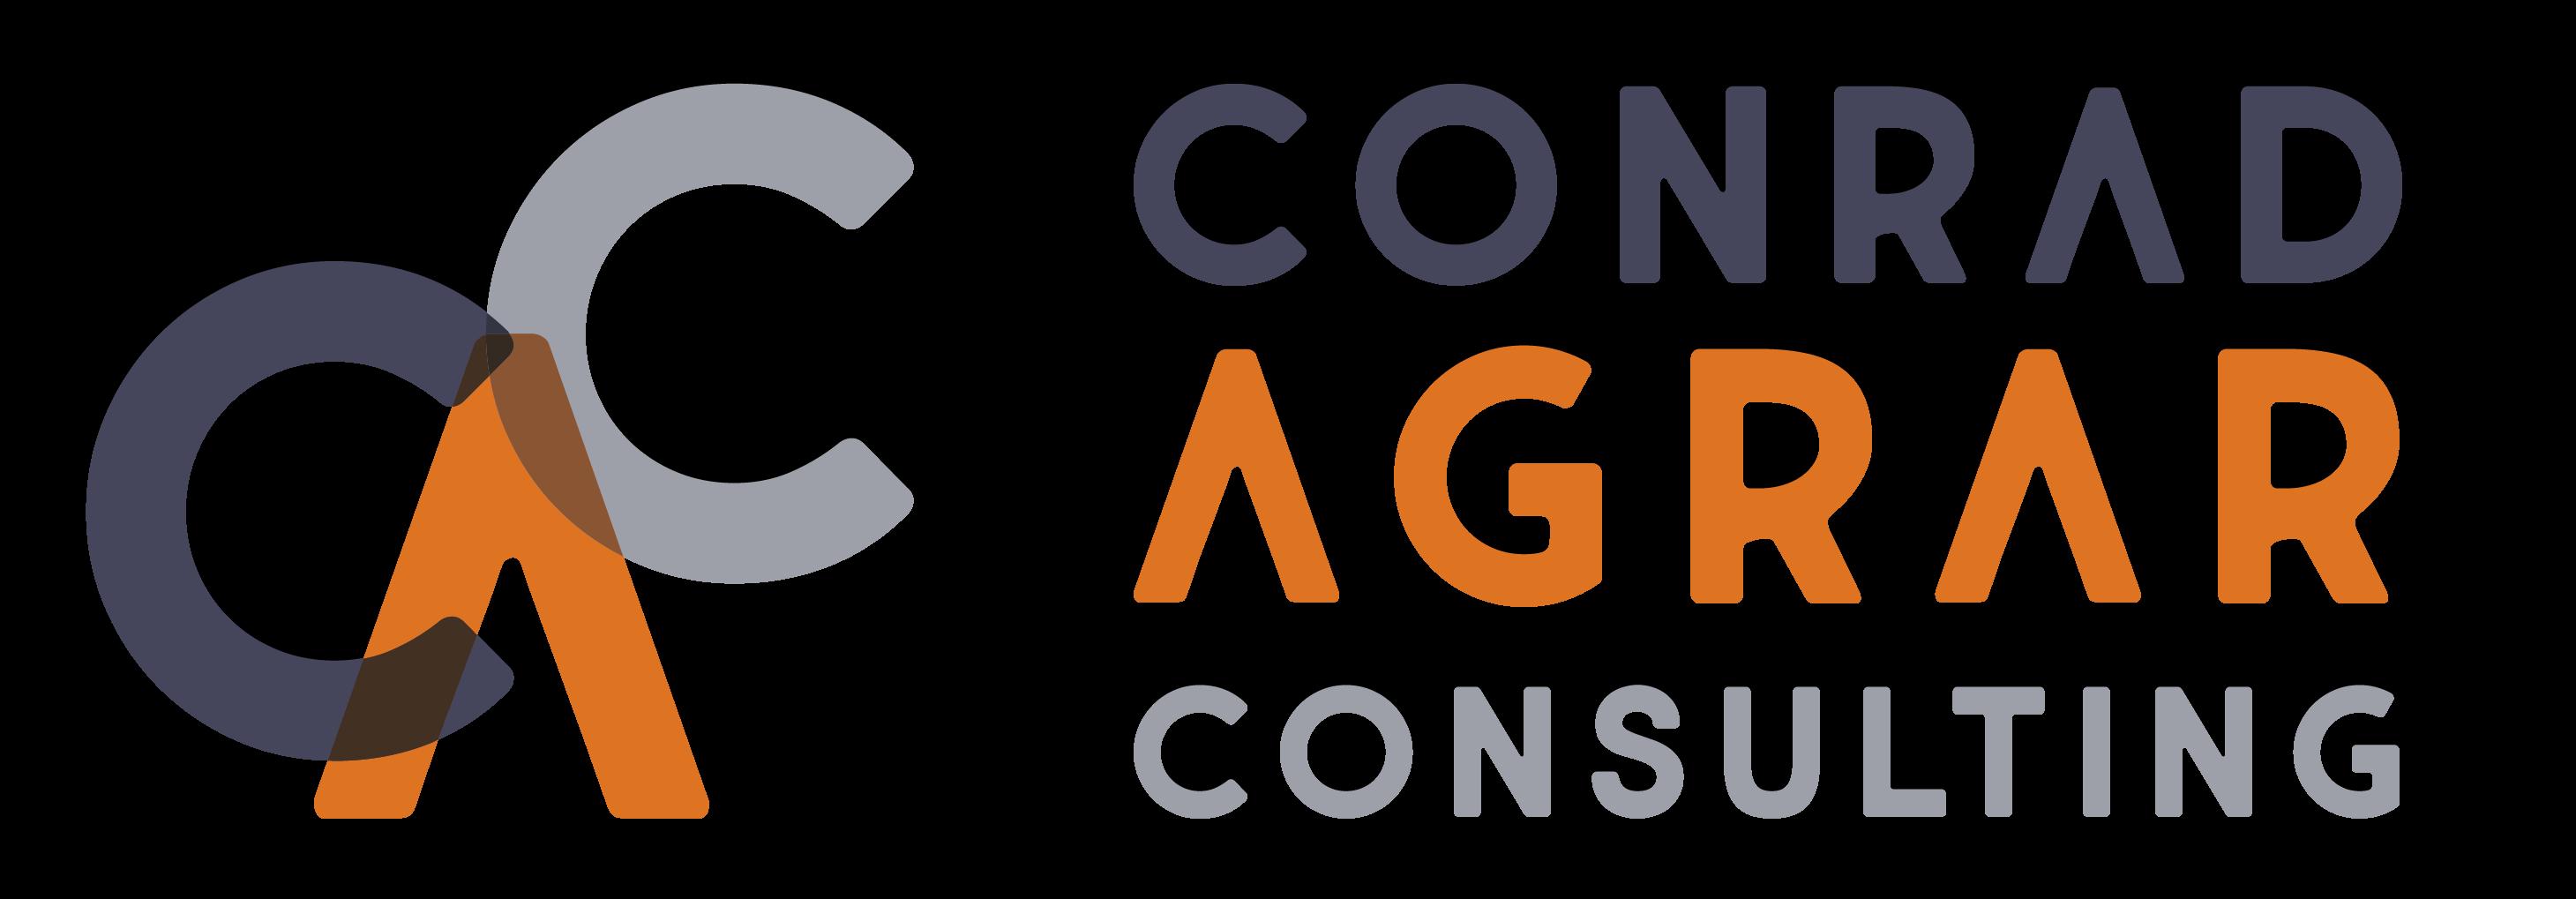 ConradAgrarConsulting